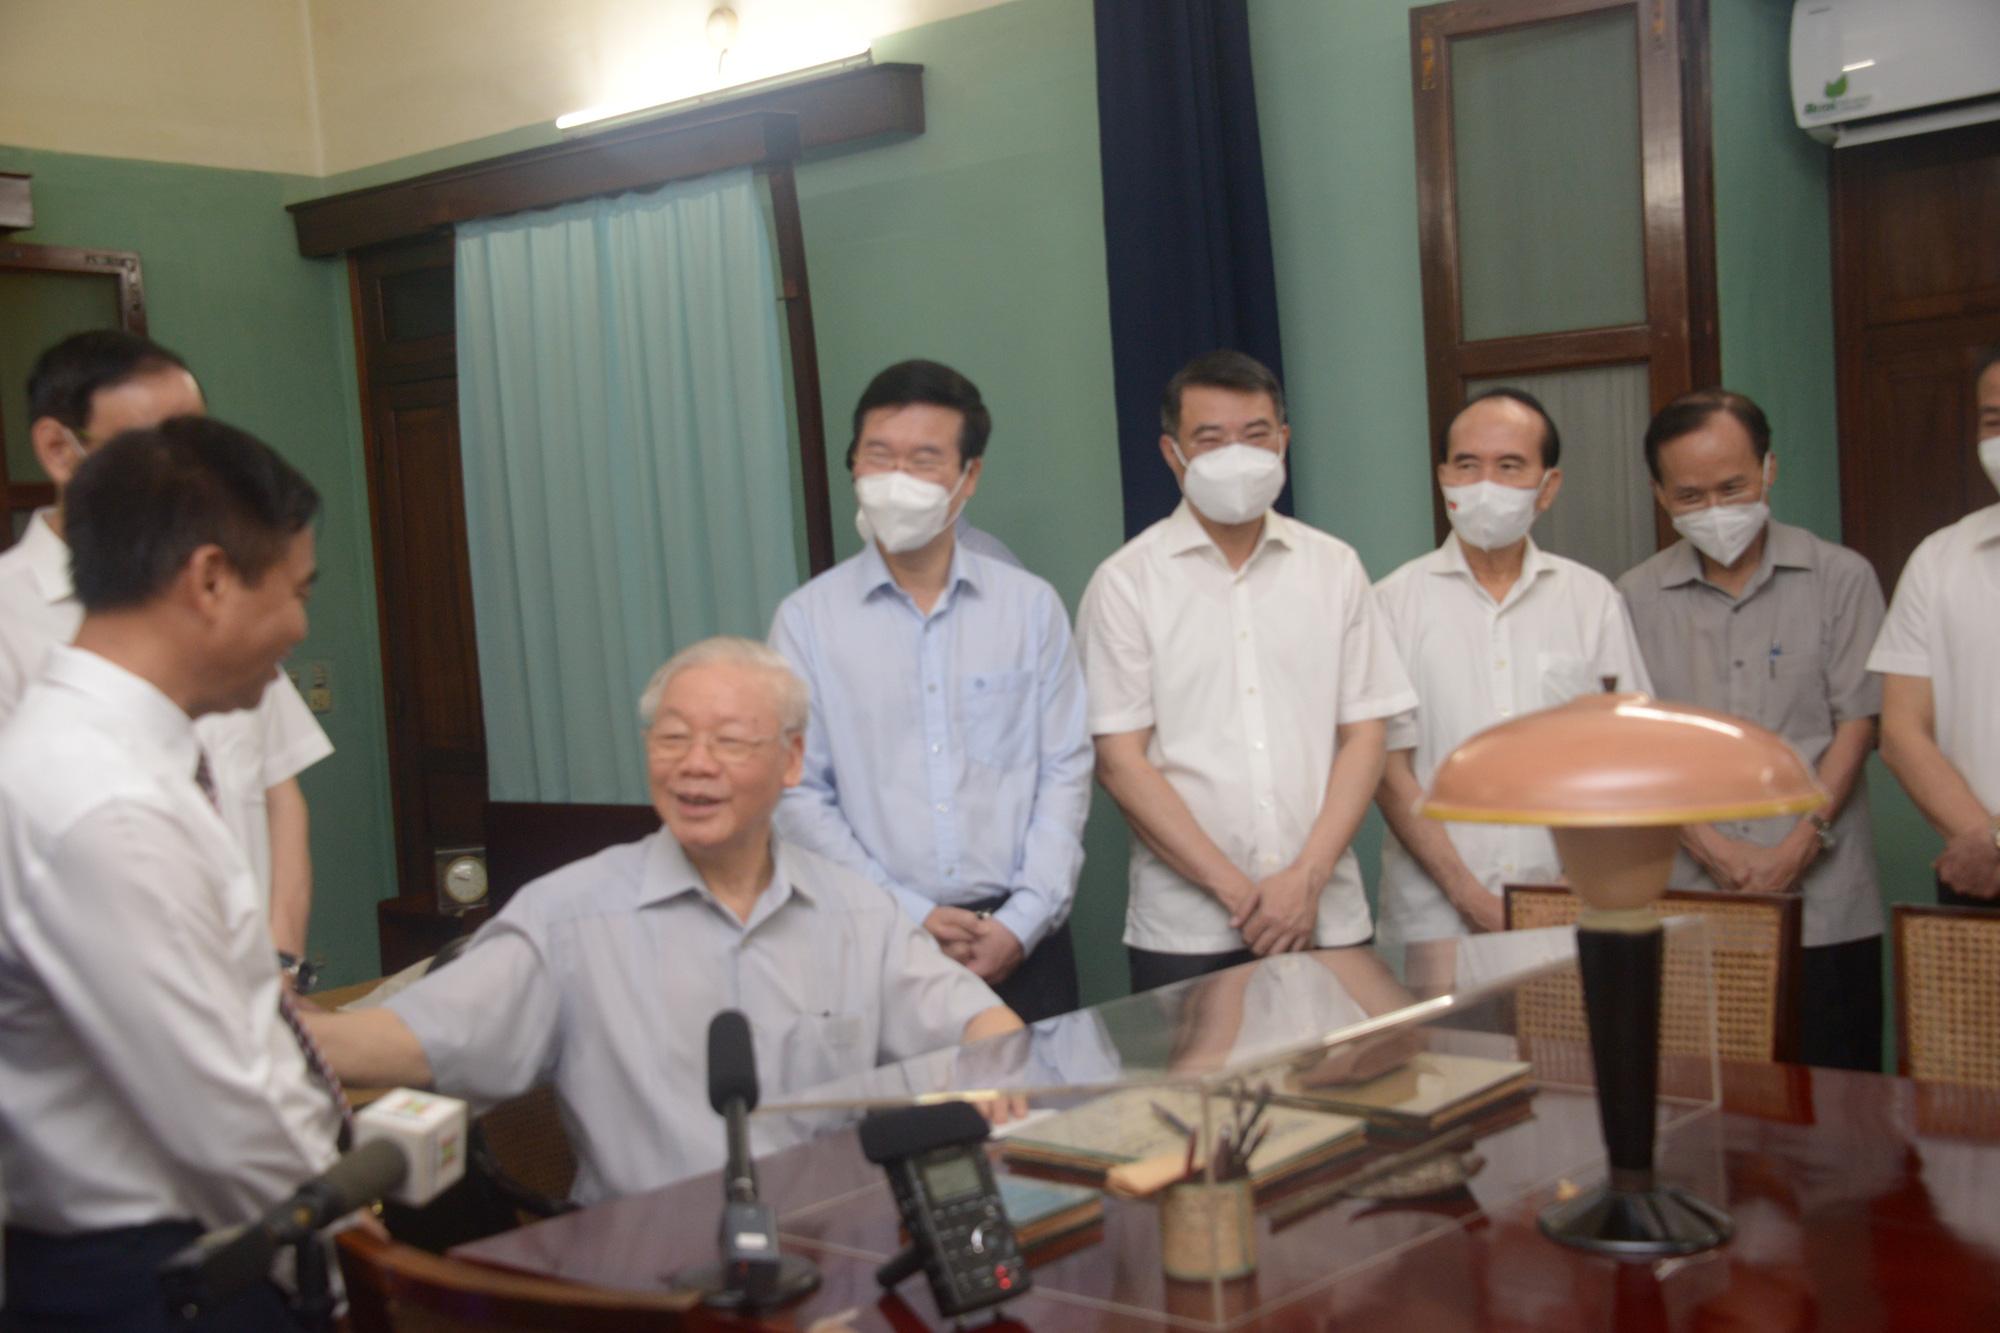 02-09_TBT Nguyễn Phú Trọng nói chuyện thân mật với cán bộ nhân viên Khu di tích_Văn Hiếu_VOV1.jpg